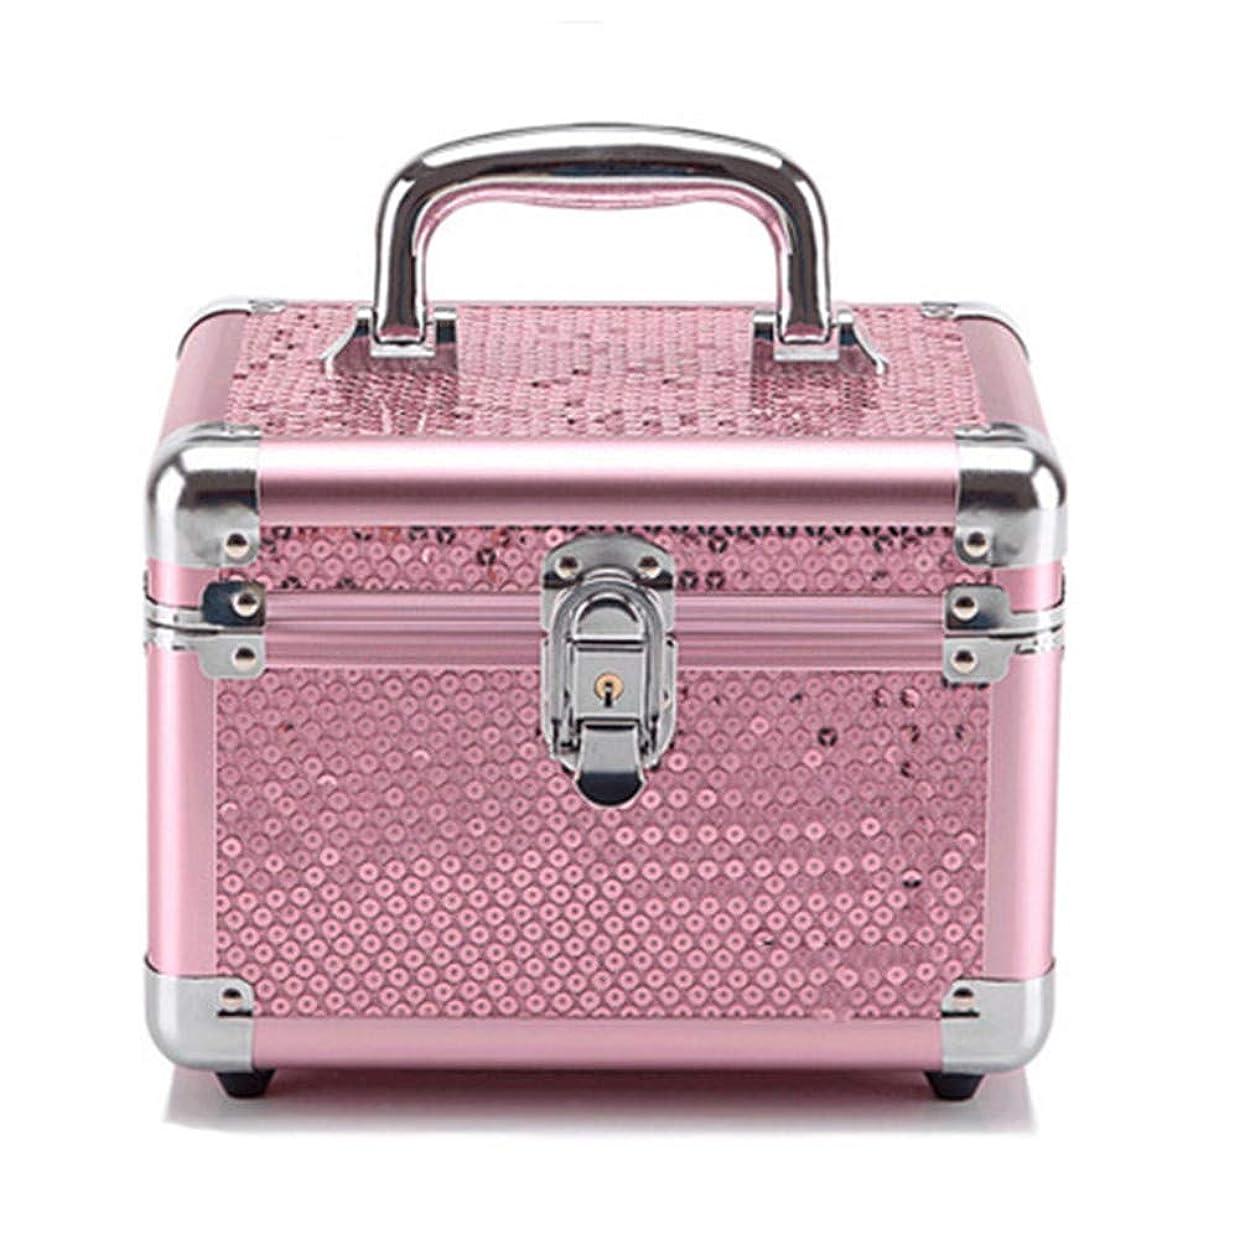 プライバシー電子レンジバリー特大スペース収納ビューティーボックス 美の構造のためそしてジッパーおよび折る皿が付いている女の子の女性旅行そして毎日の貯蔵のための高容量の携帯用化粧品袋 化粧品化粧台 (色 : Rose Red(S))